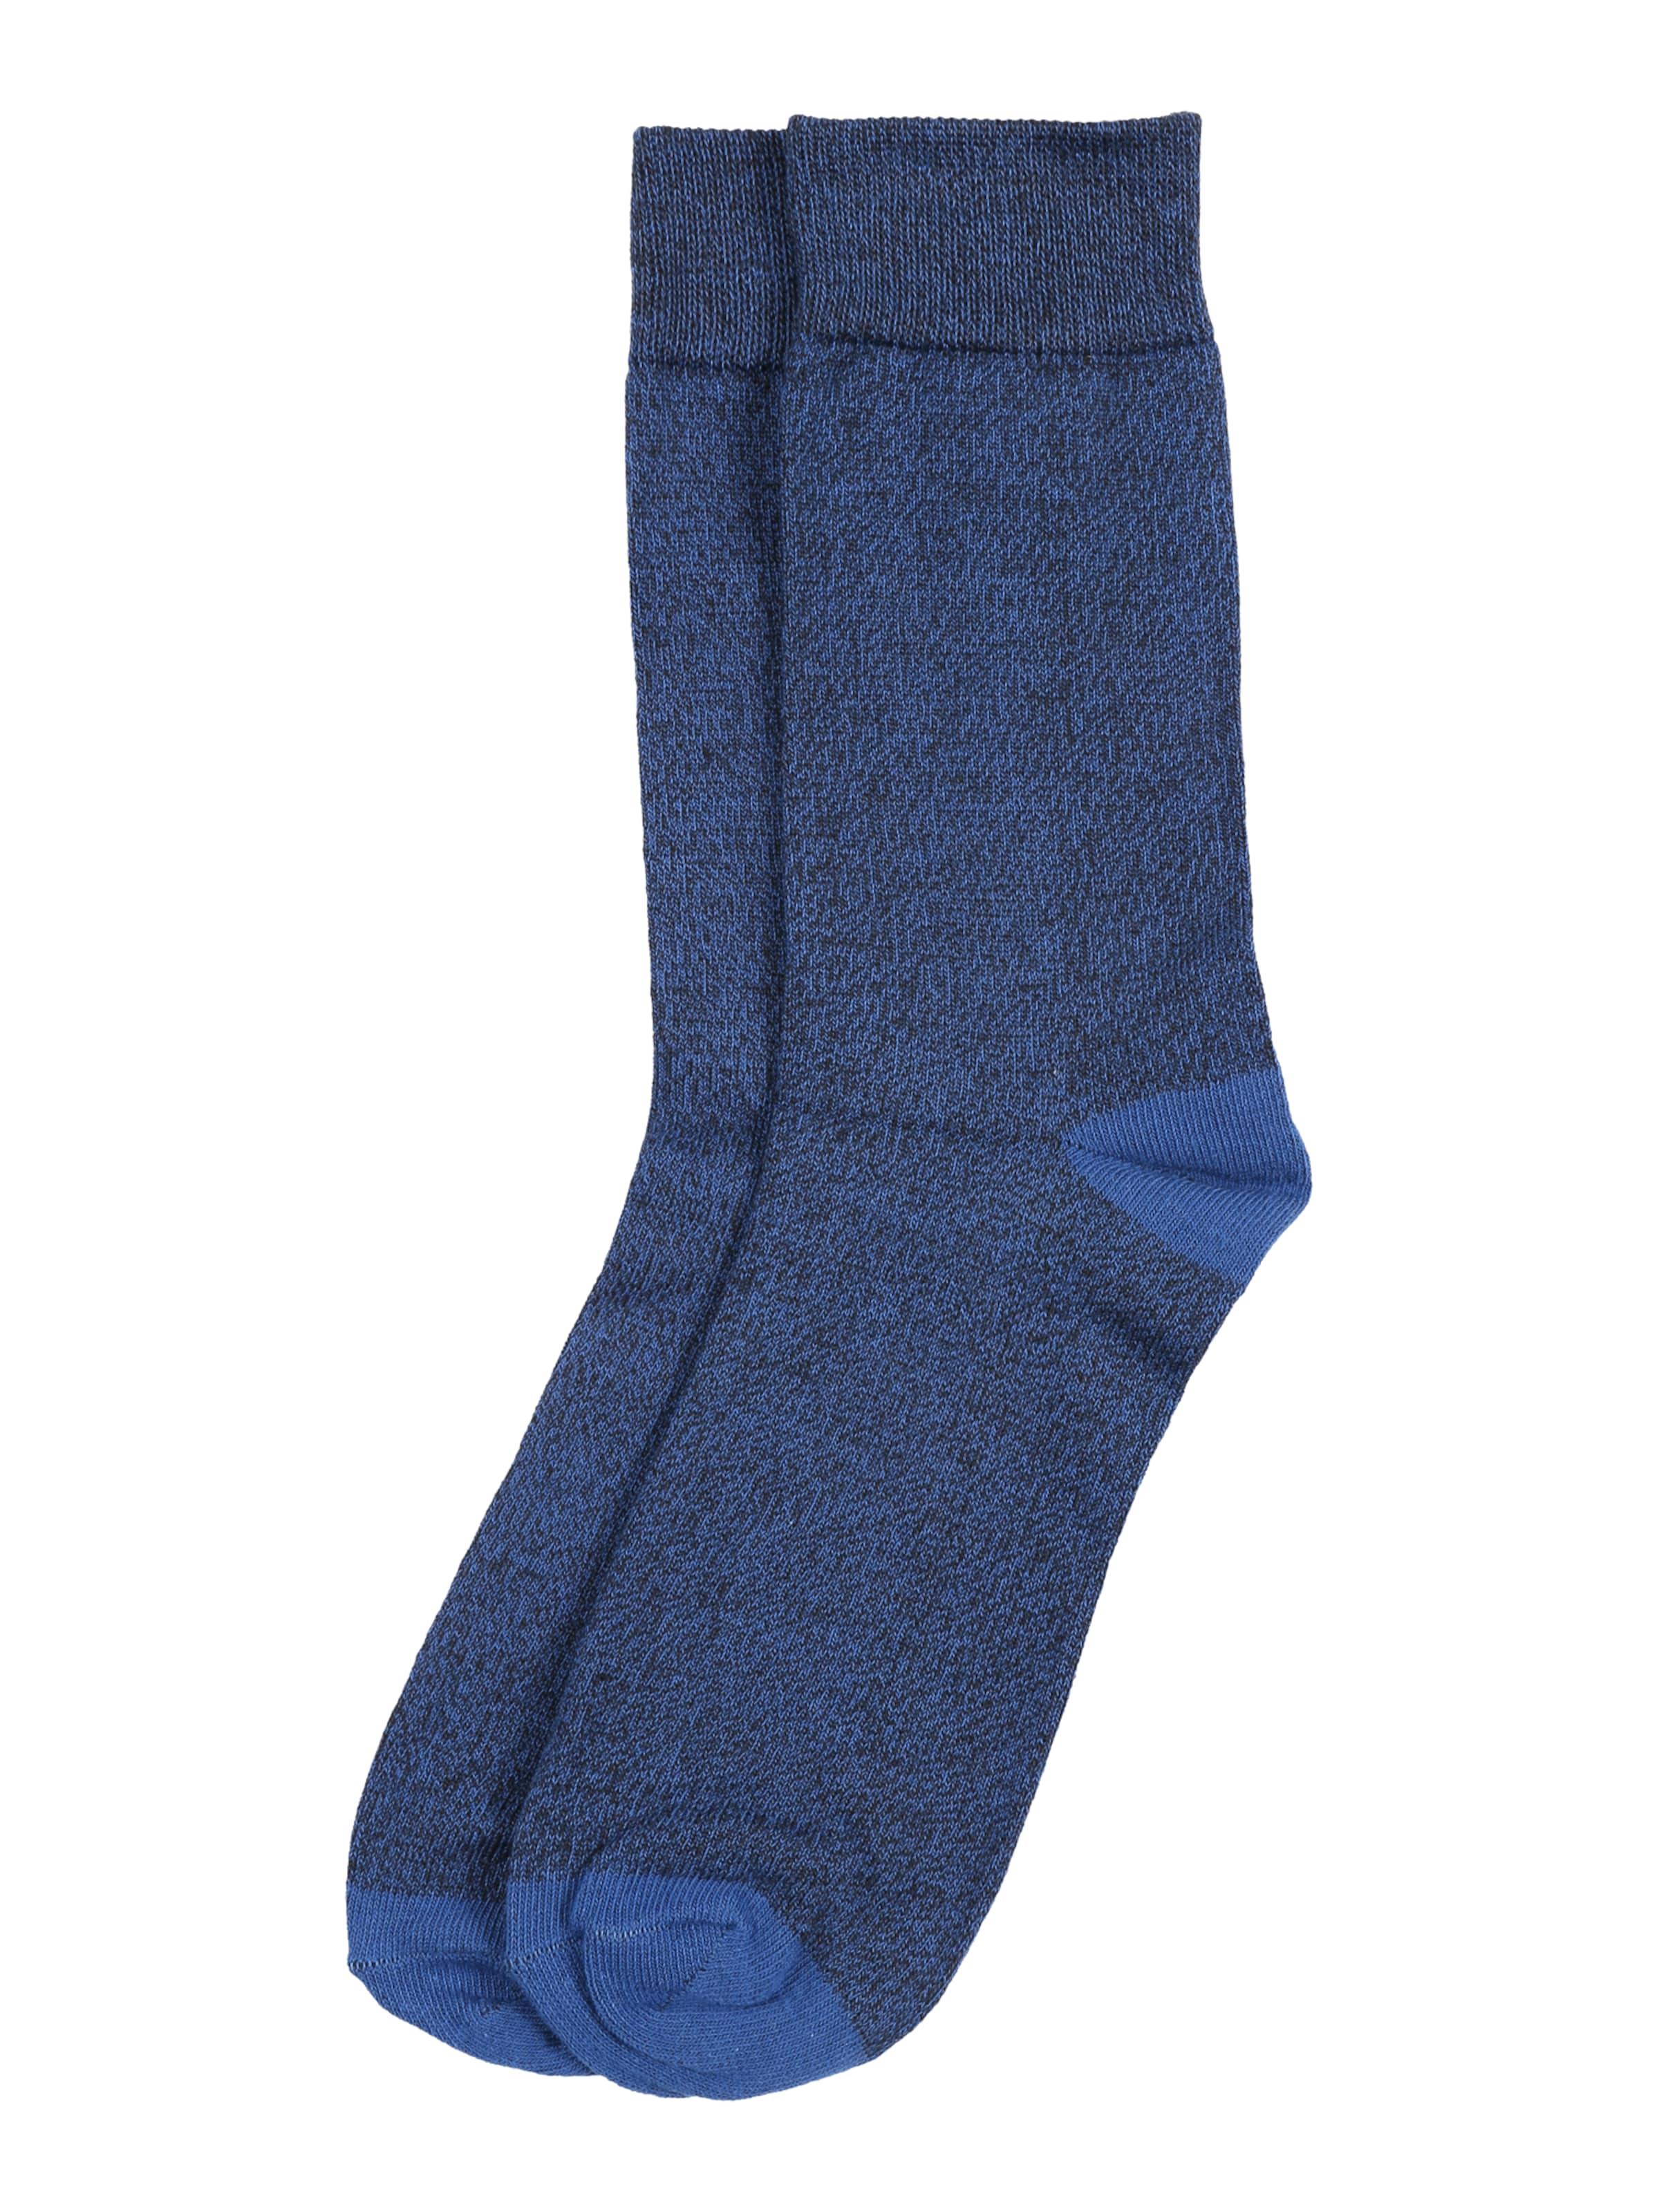 Finish Auslass Truhe Vorbestellung Für Verkauf JACK & JONES Melierte Socken Reduzierter Preis ozepZpjEC